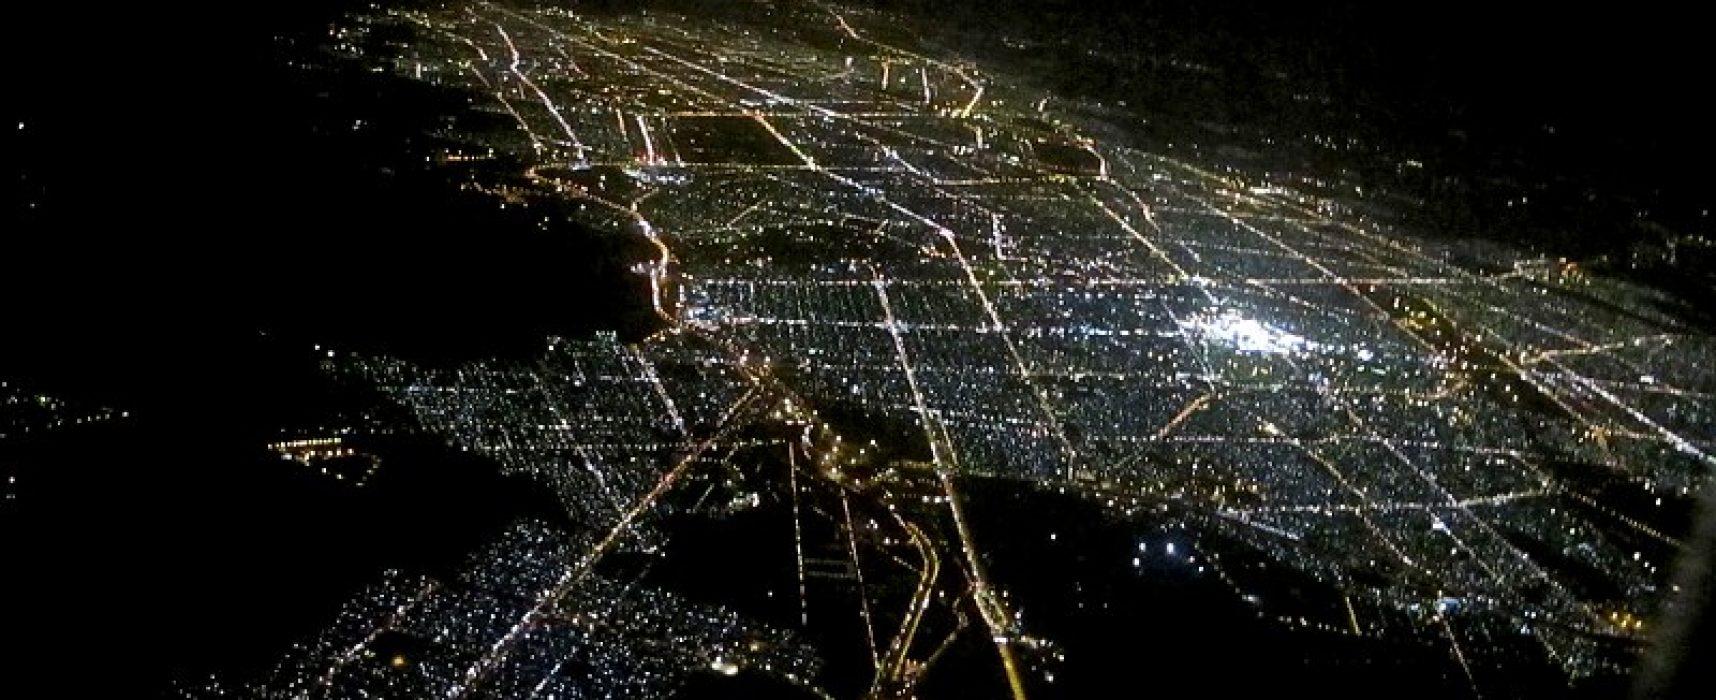 Netizen Report: Autoridades iraníes bloquean tráfico web internacional y plataformas de mensajería